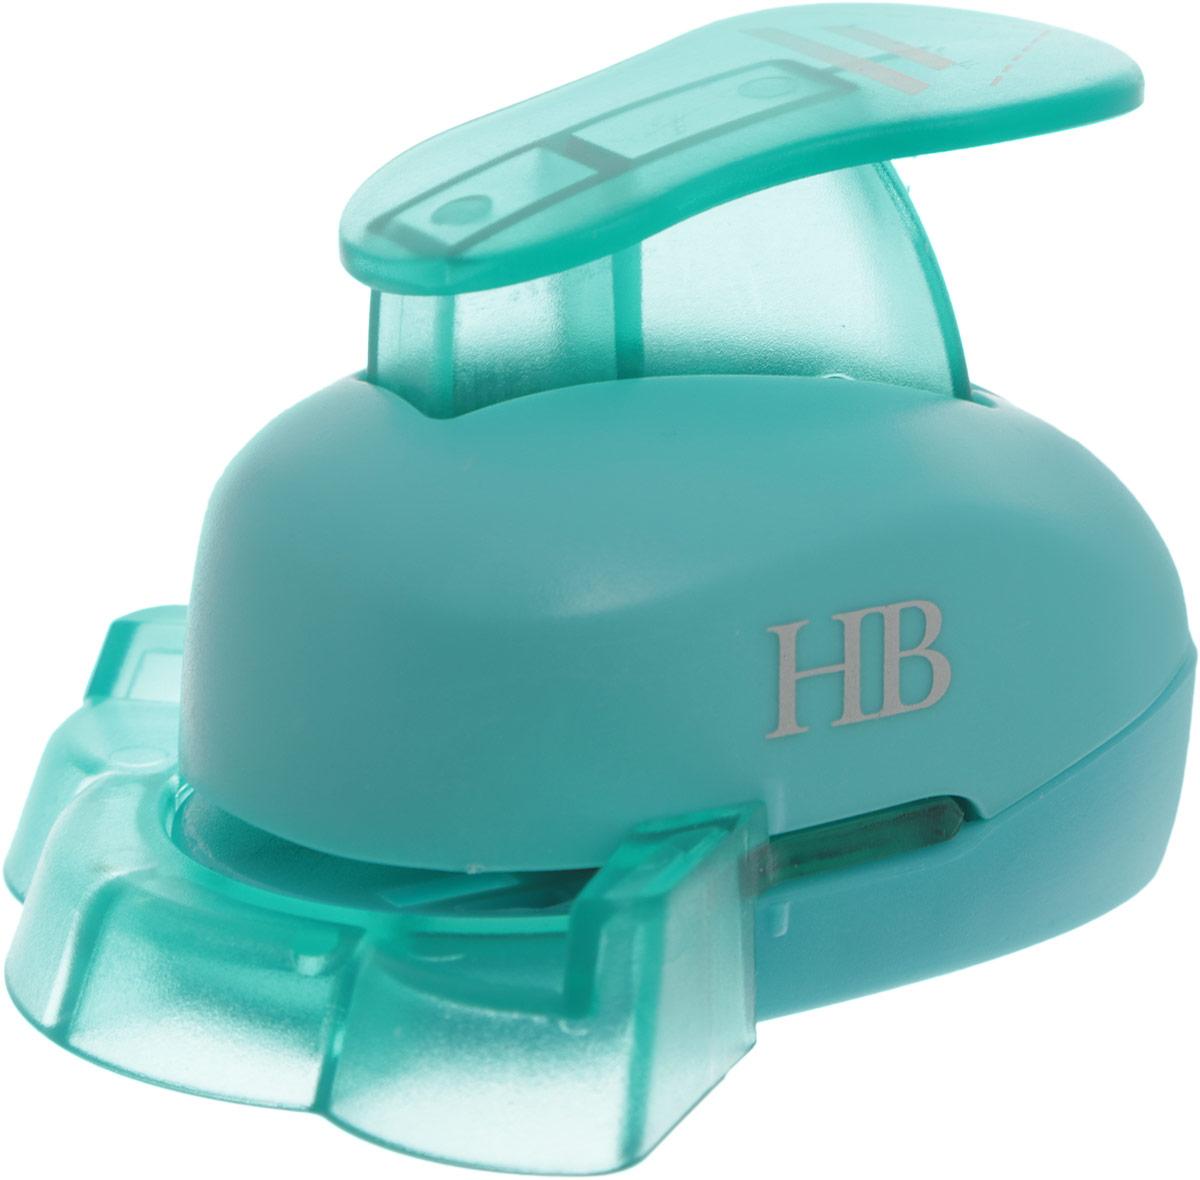 Дырокол фигурный Hobbyboom, угловой, цвет: бирюзовый, №11, 2,5 смFS-36052Фигурный угловой дырокол Hobbyboom поможет вам легко, просто и аккуратно вырезать много одинаковых мелких фигурок.Режущие части компостера закрыты пластмассовым корпусом, что обеспечивает безопасность для детей. Вырезанные фигурки накапливаются в специальном резервуаре. Можно использовать вырезанные мотивы как конфетти или для наклеивания. Угловой дырокол подходит для разных техник: декупажа, скрапбукинга, декорирования. Рекомендуемая плотность бумаги - 120-180 г/м2. Размер готовой фигурки: 2,5 см х 1,8 см.